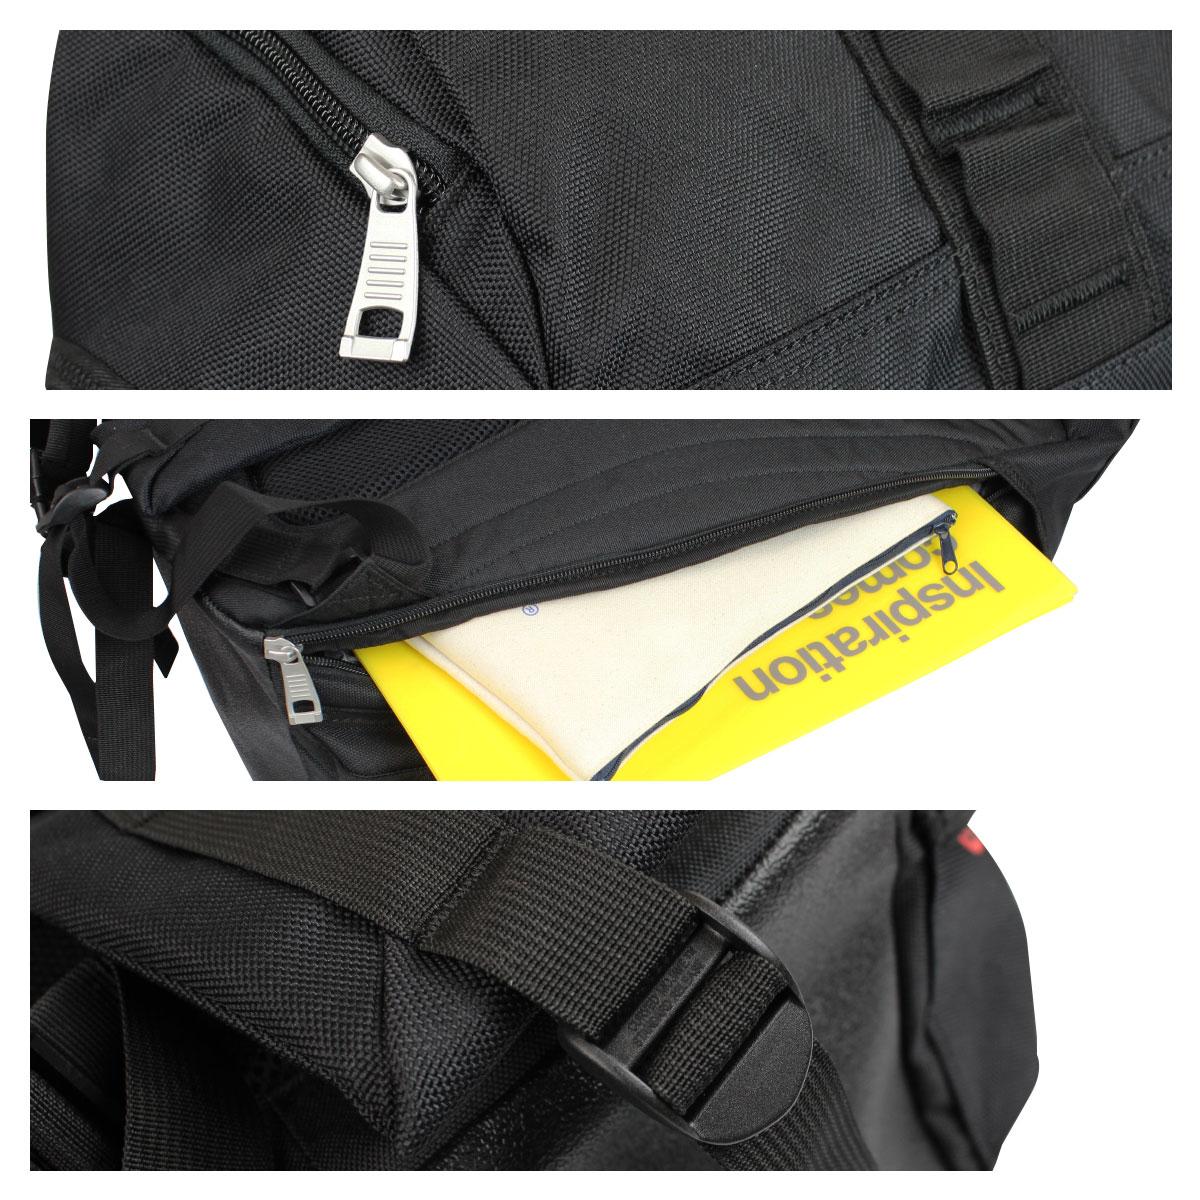 奥克利 Oakley 背包背囊 92607 有限特快卧铺-001 包干货男装